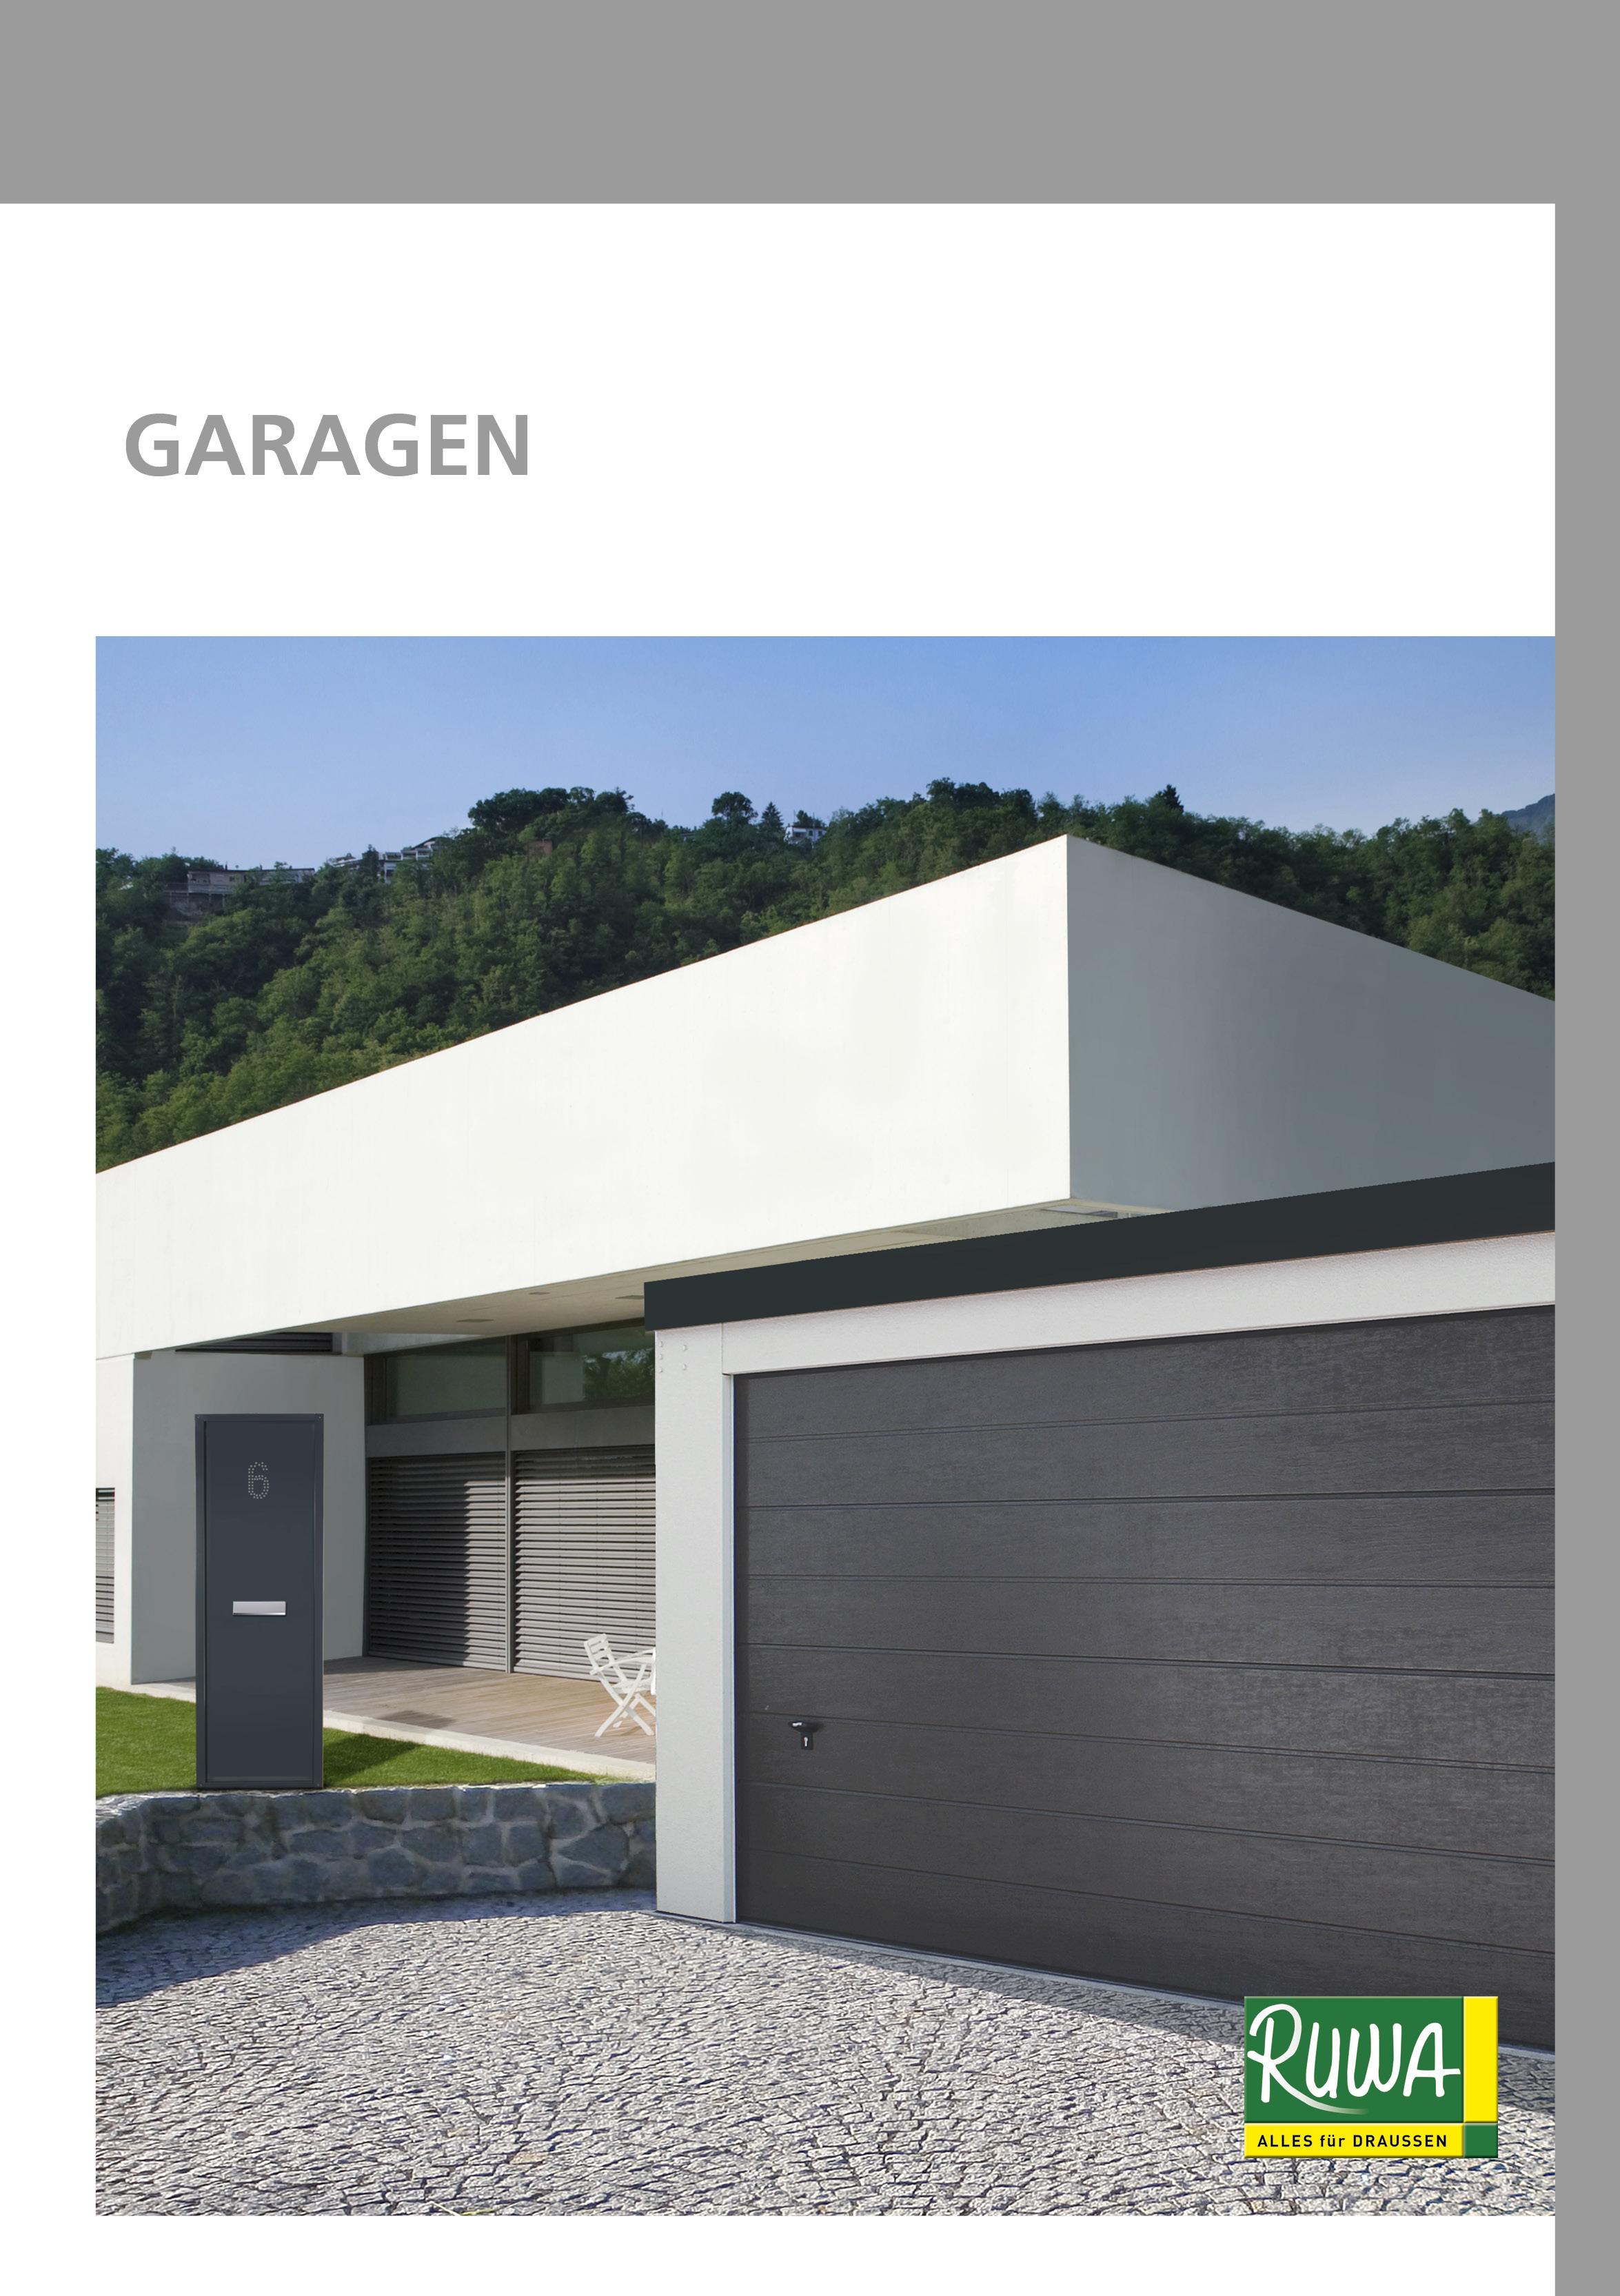 RUWA Blätterkatalog Garagen